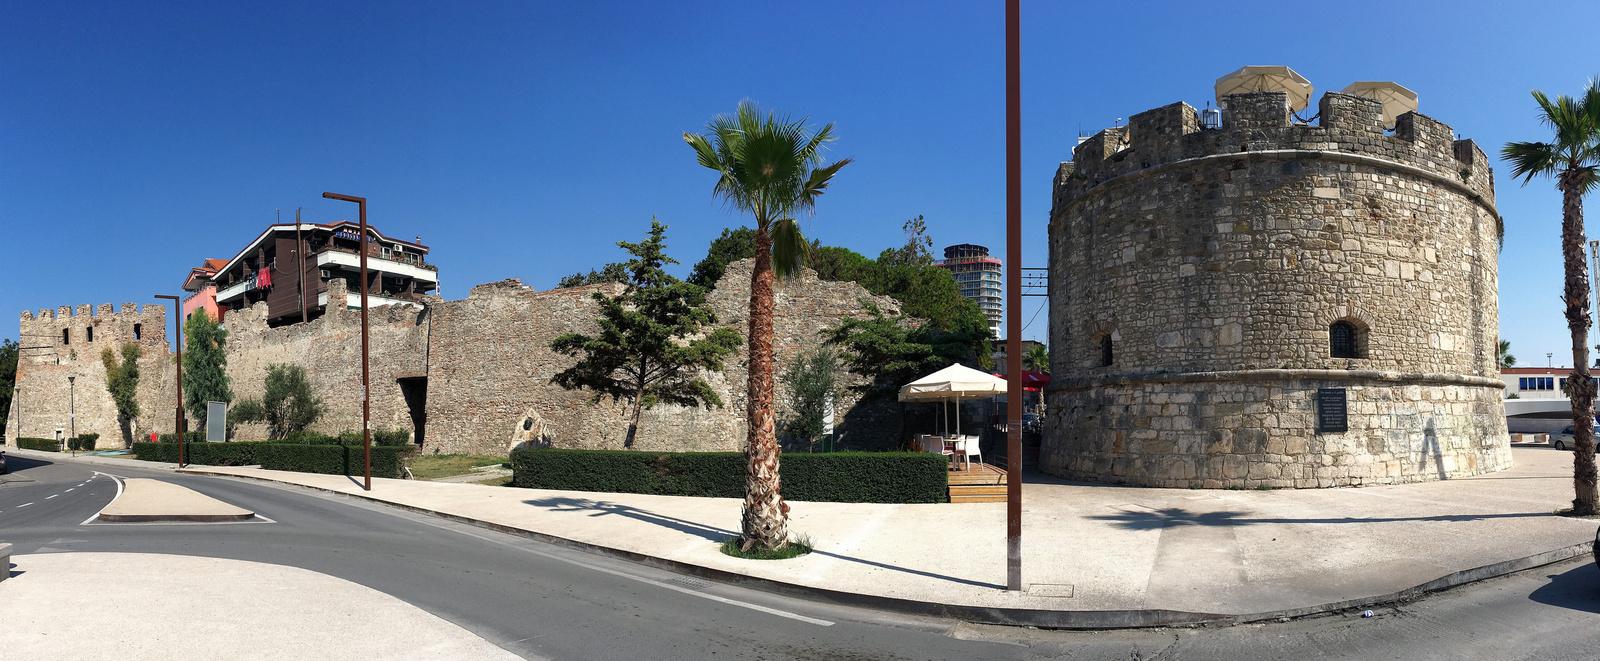 Durresi vár